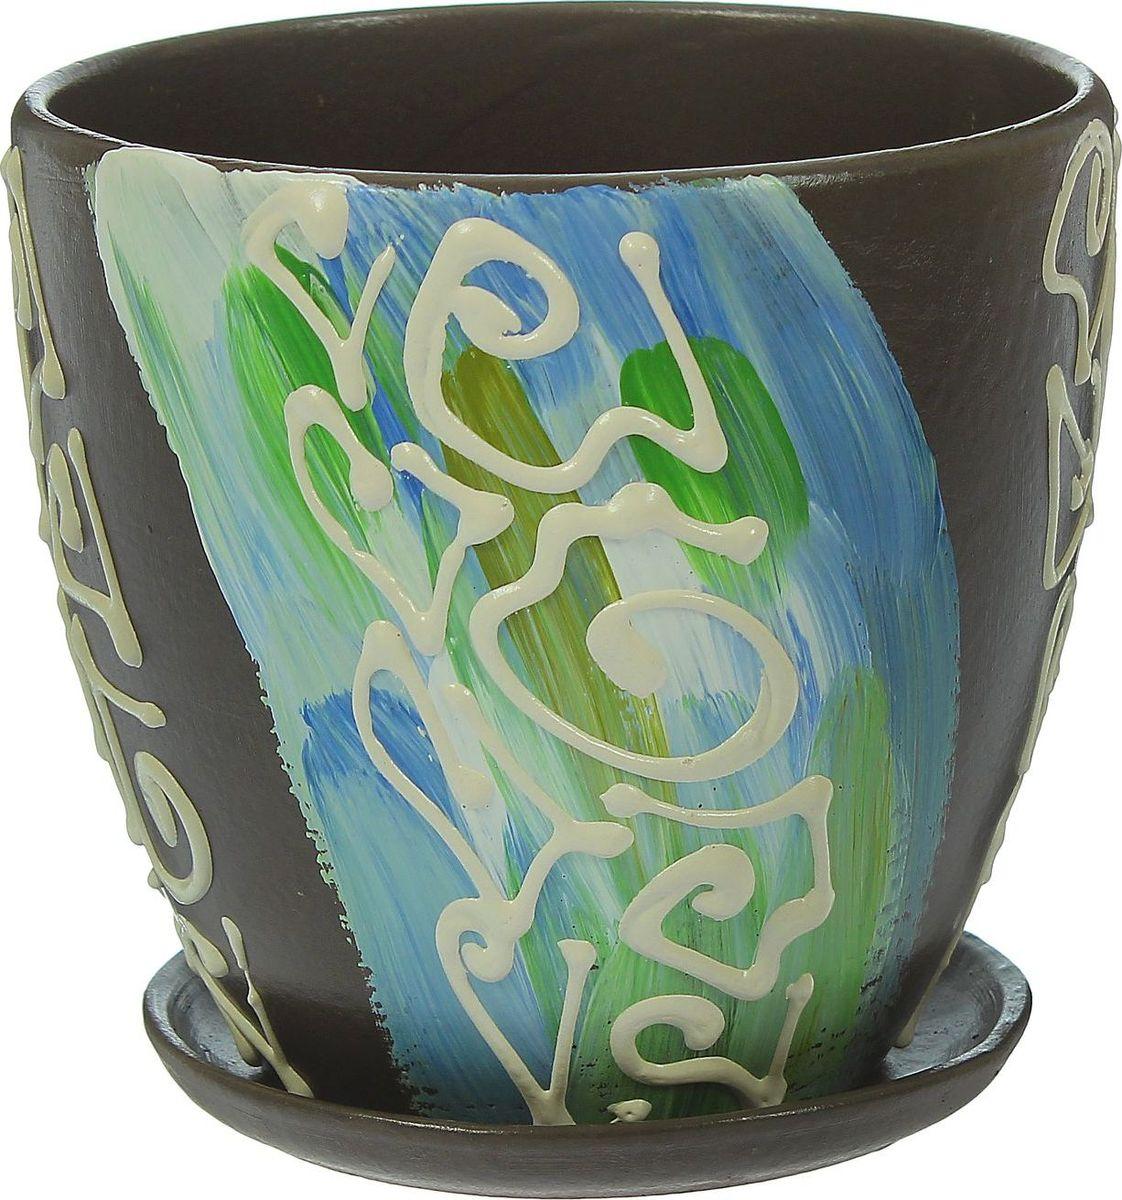 Кашпо Аква, 1,5 л1369837Комнатные растения — всеобщие любимцы. Они радуют глаз, насыщают помещение кислородом и украшают пространство. Каждому из них необходим свой удобный и красивый дом. Кашпо из керамики прекрасно подходят для высадки растений: за счёт пластичности глины и разных способов обработки существует великое множество форм и дизайновпористый материал позволяет испаряться лишней влагевоздух, необходимый для дыхания корней, проникает сквозь керамические стенки! #name# позаботится о зелёном питомце, освежит интерьер и подчеркнёт его стиль.